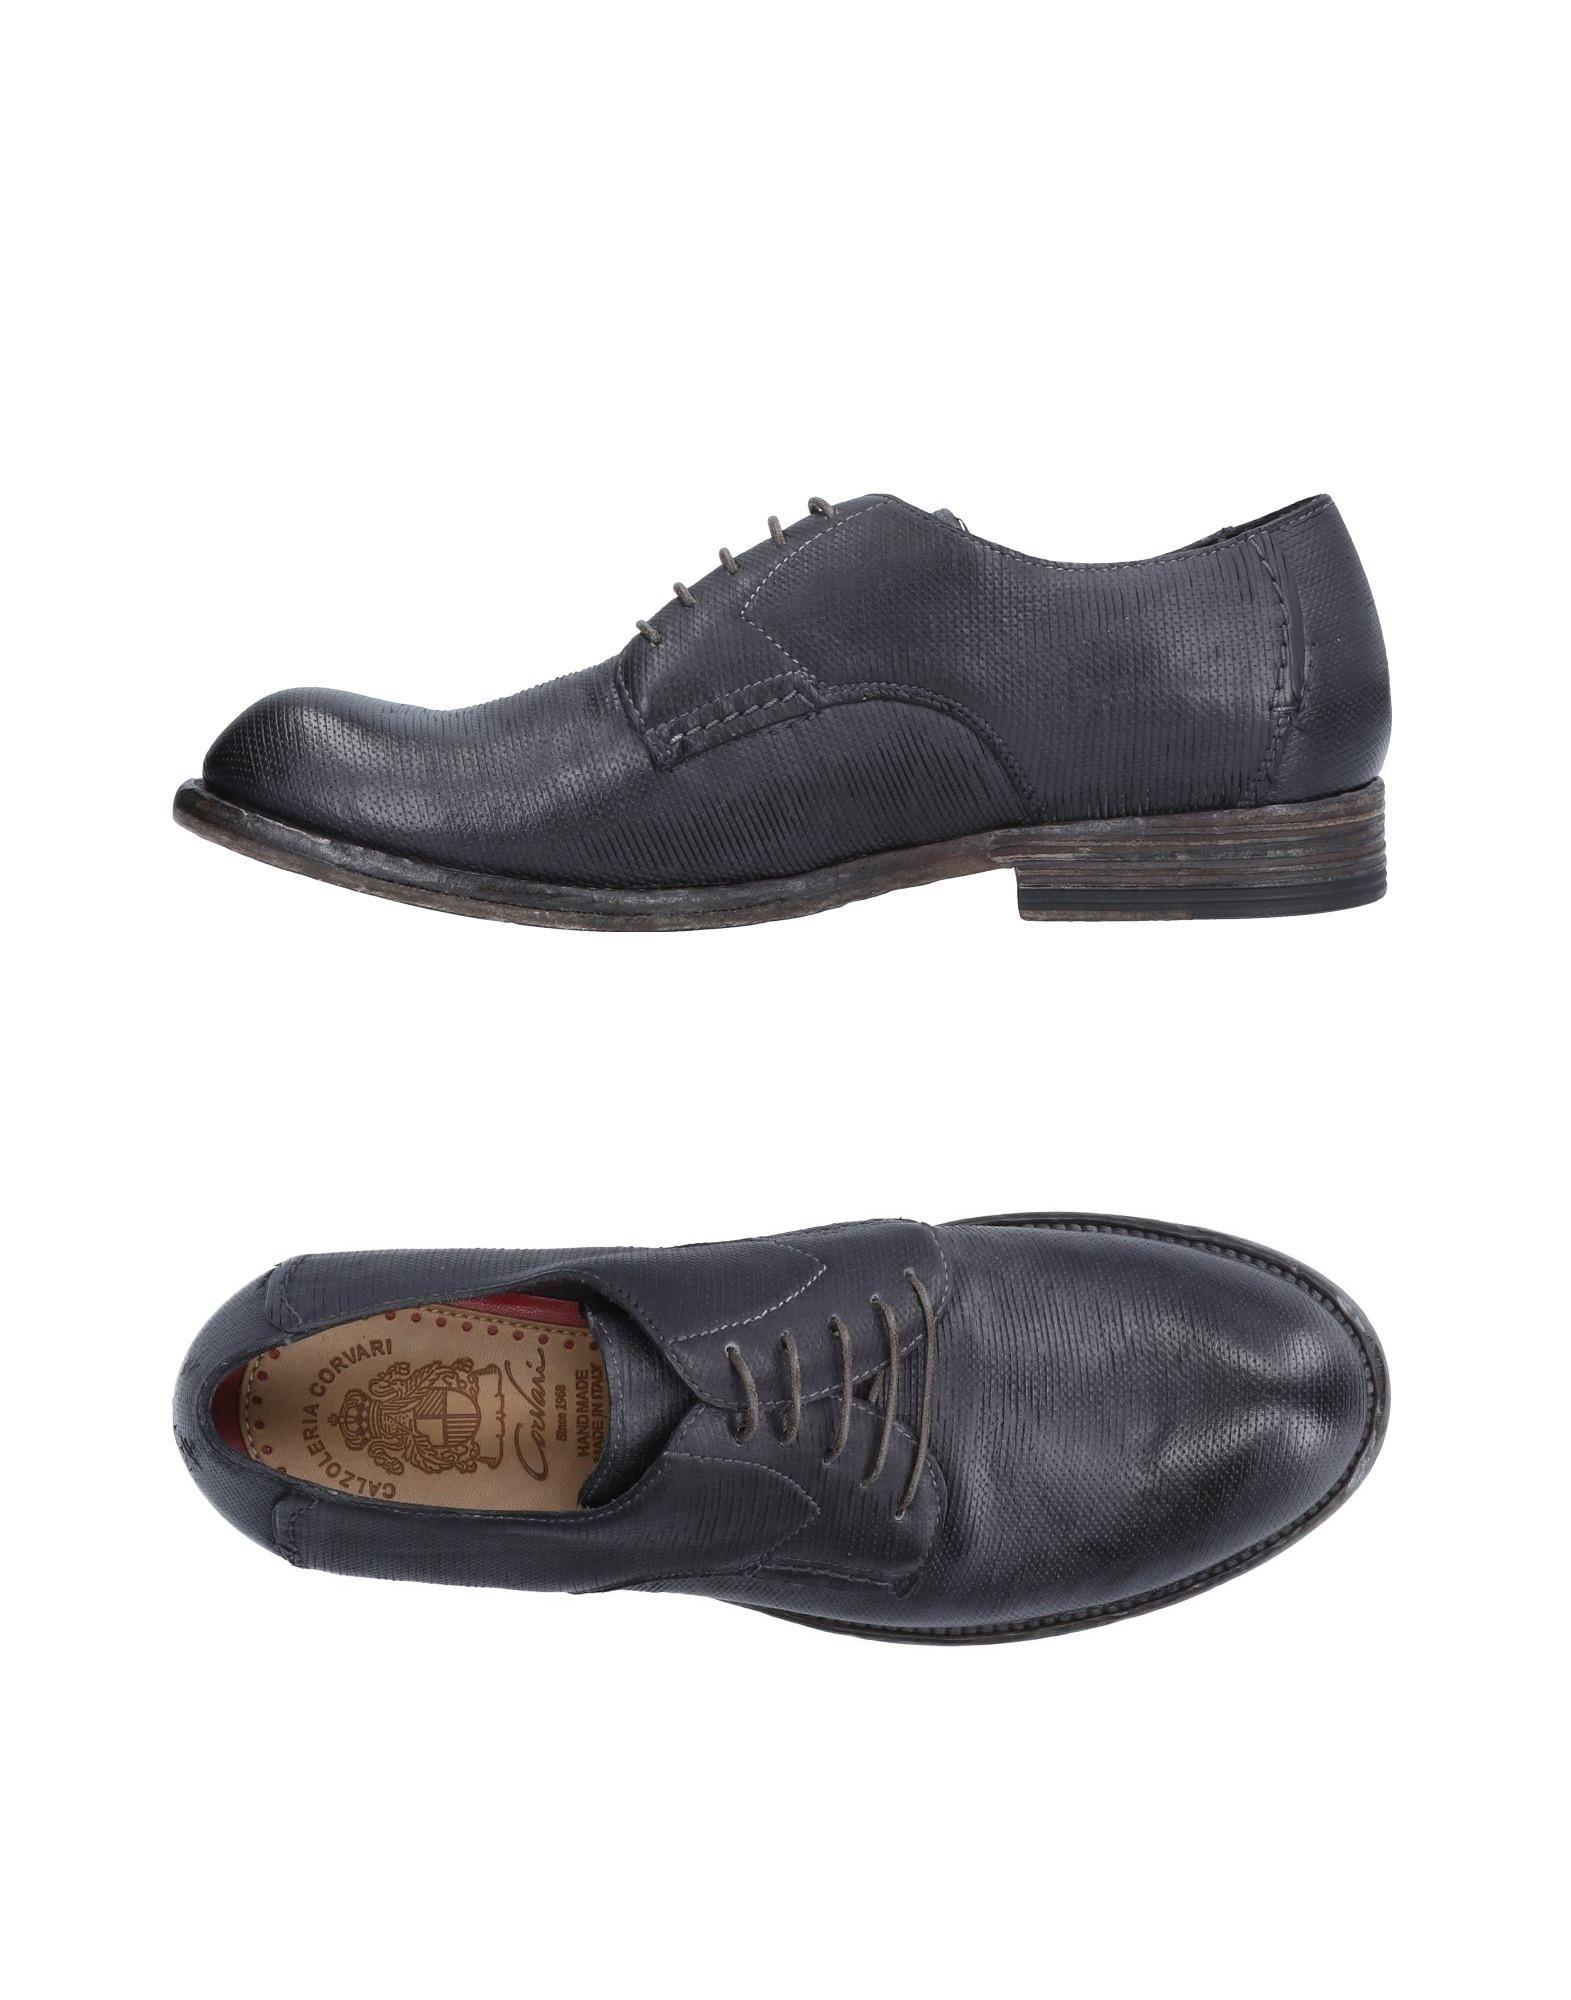 Corvari Schnürschuhe Herren  11520364MQ Gute Qualität beliebte Schuhe